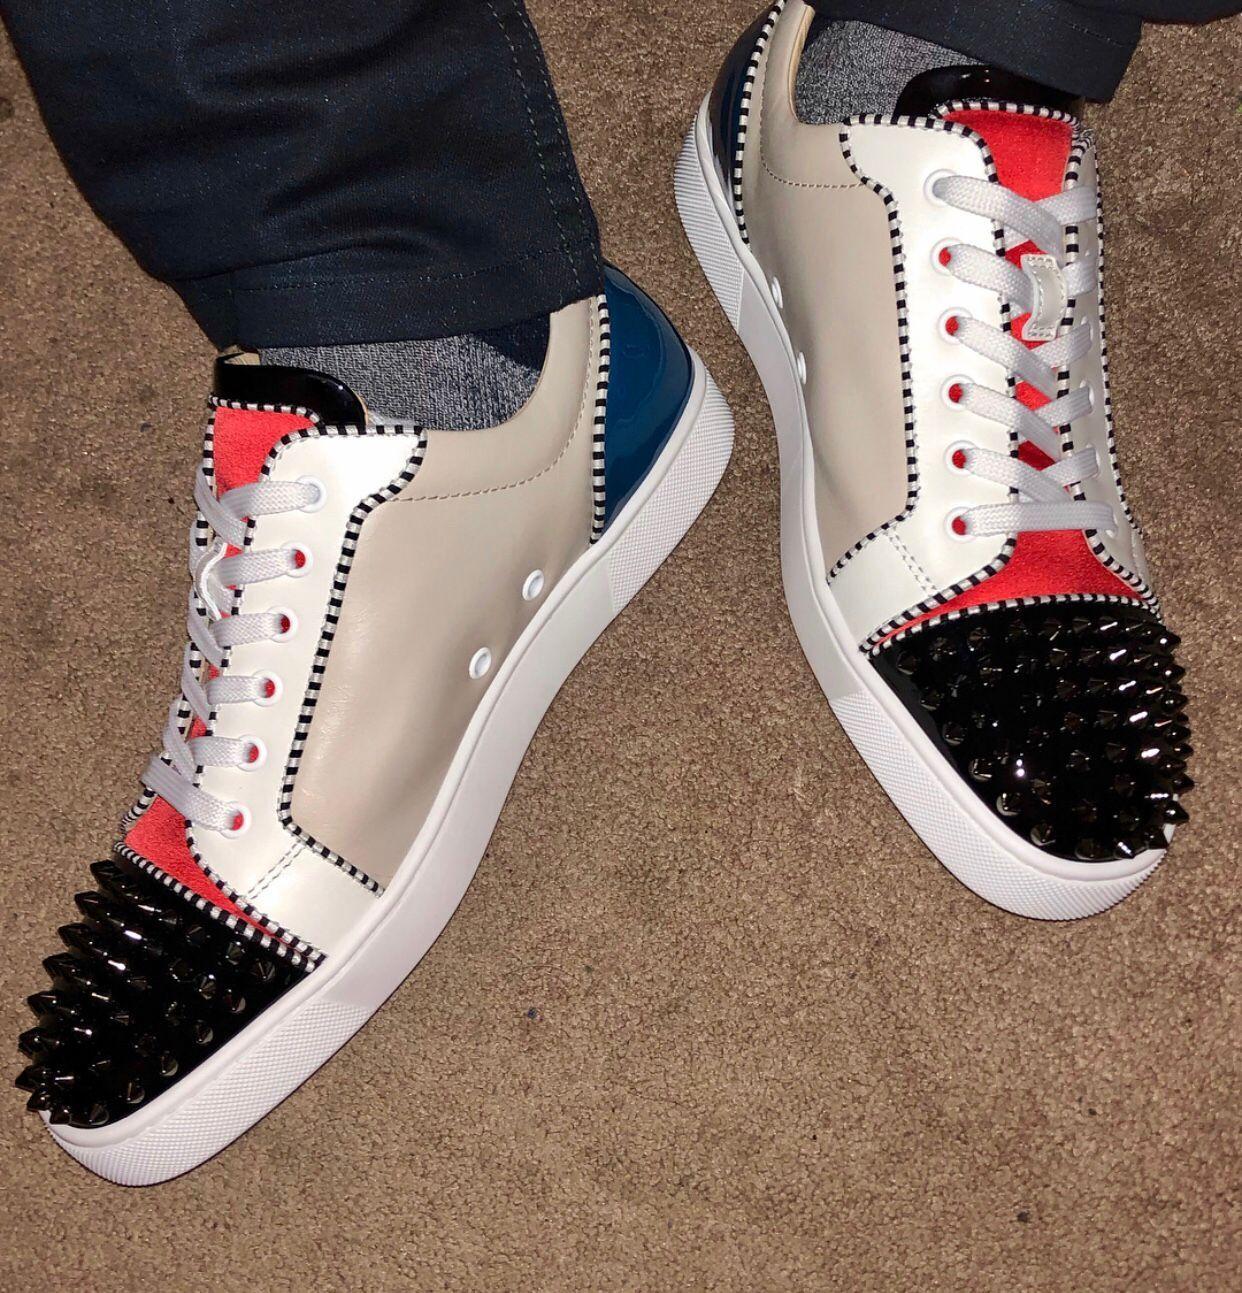 فاخر أحذية تصميم الأحمر نعال، الصيف الربيع الرجال أعلى منخفض حذاء أحمر أسفل الرجال شقة المسامير المرقعة جلدية أحذية رياضية رصع تو الدانتيل متابعة آر